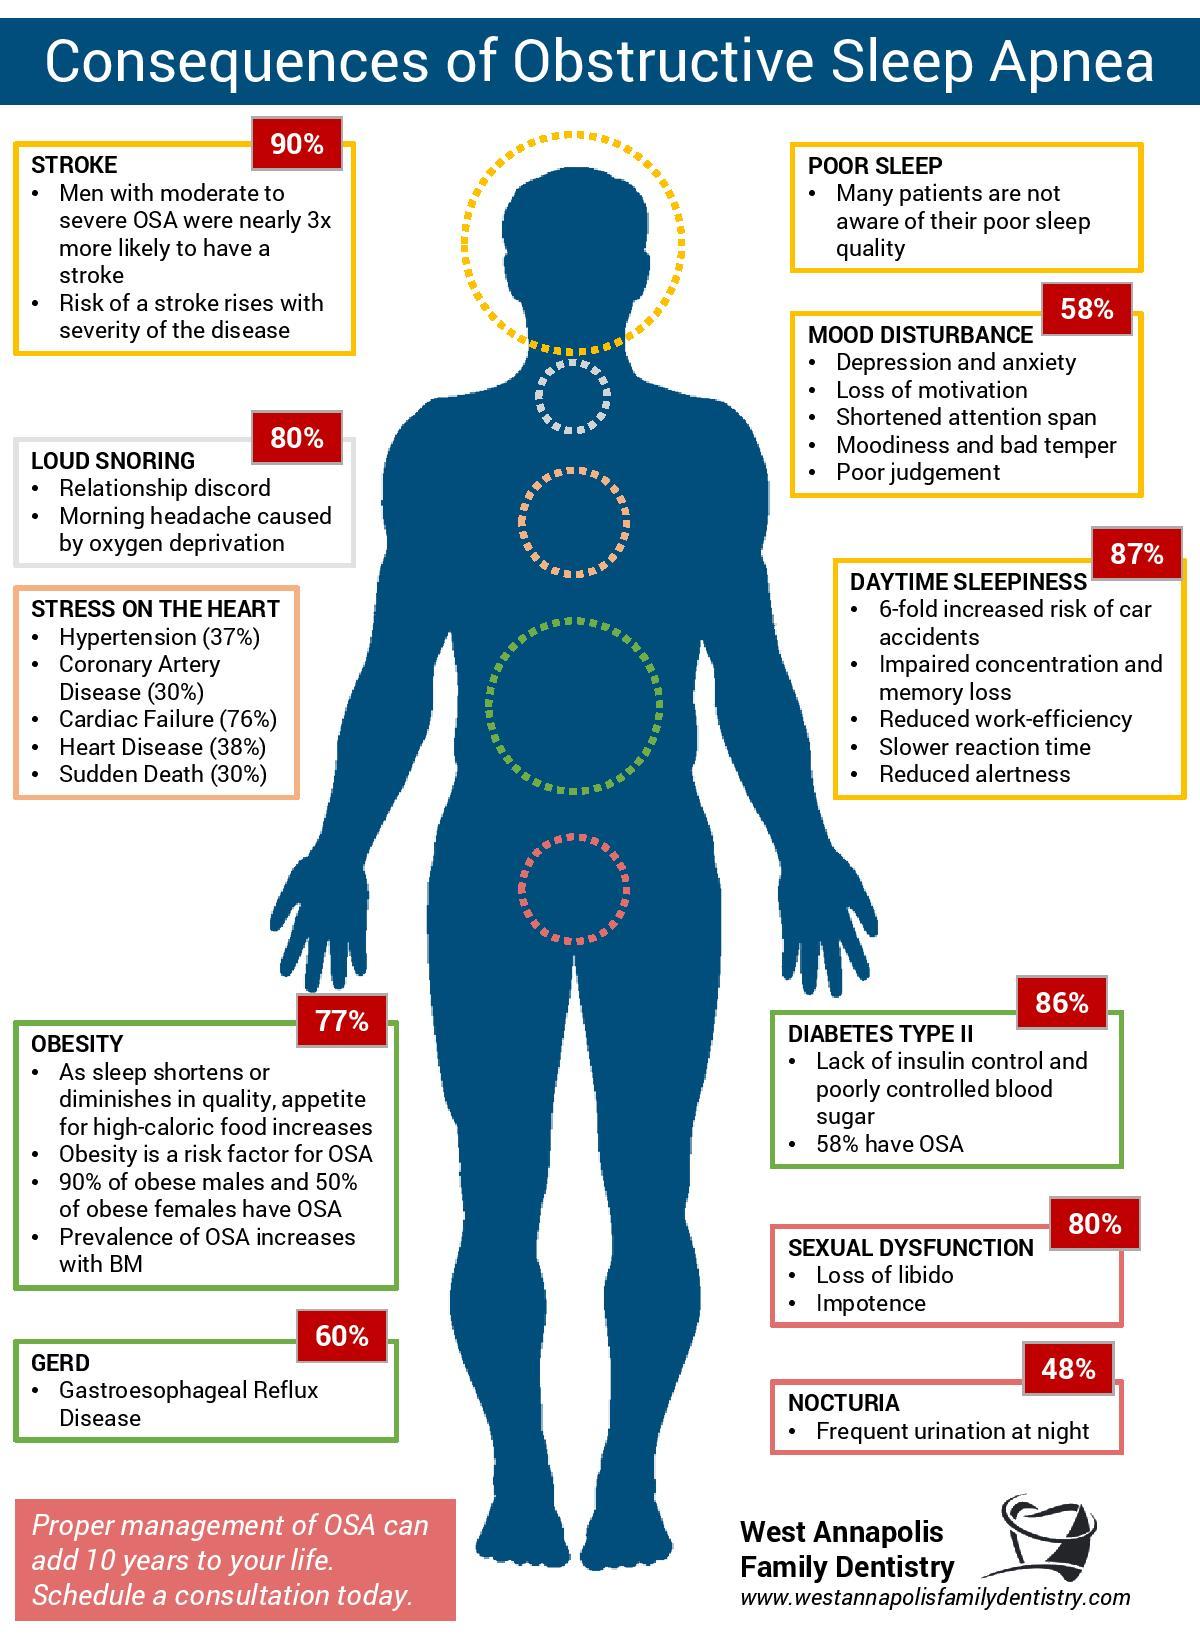 Diagram - Consequences of Obstructive Sleep Apnea